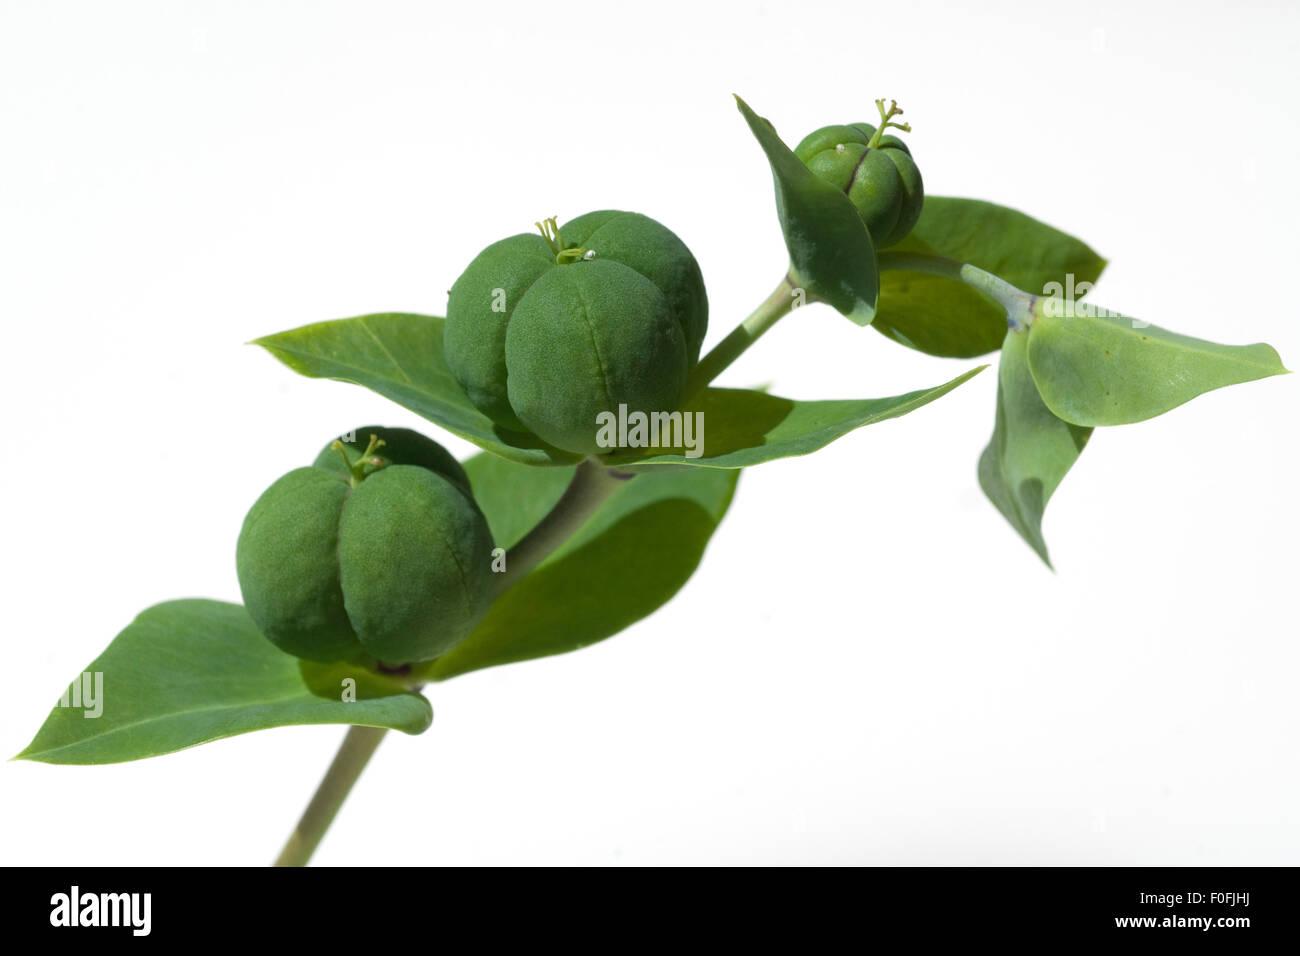 Kreuzblaettrige, Wolfsmilch; Wolfsmilch; Euphorbia; lathyrus; - Stock Image